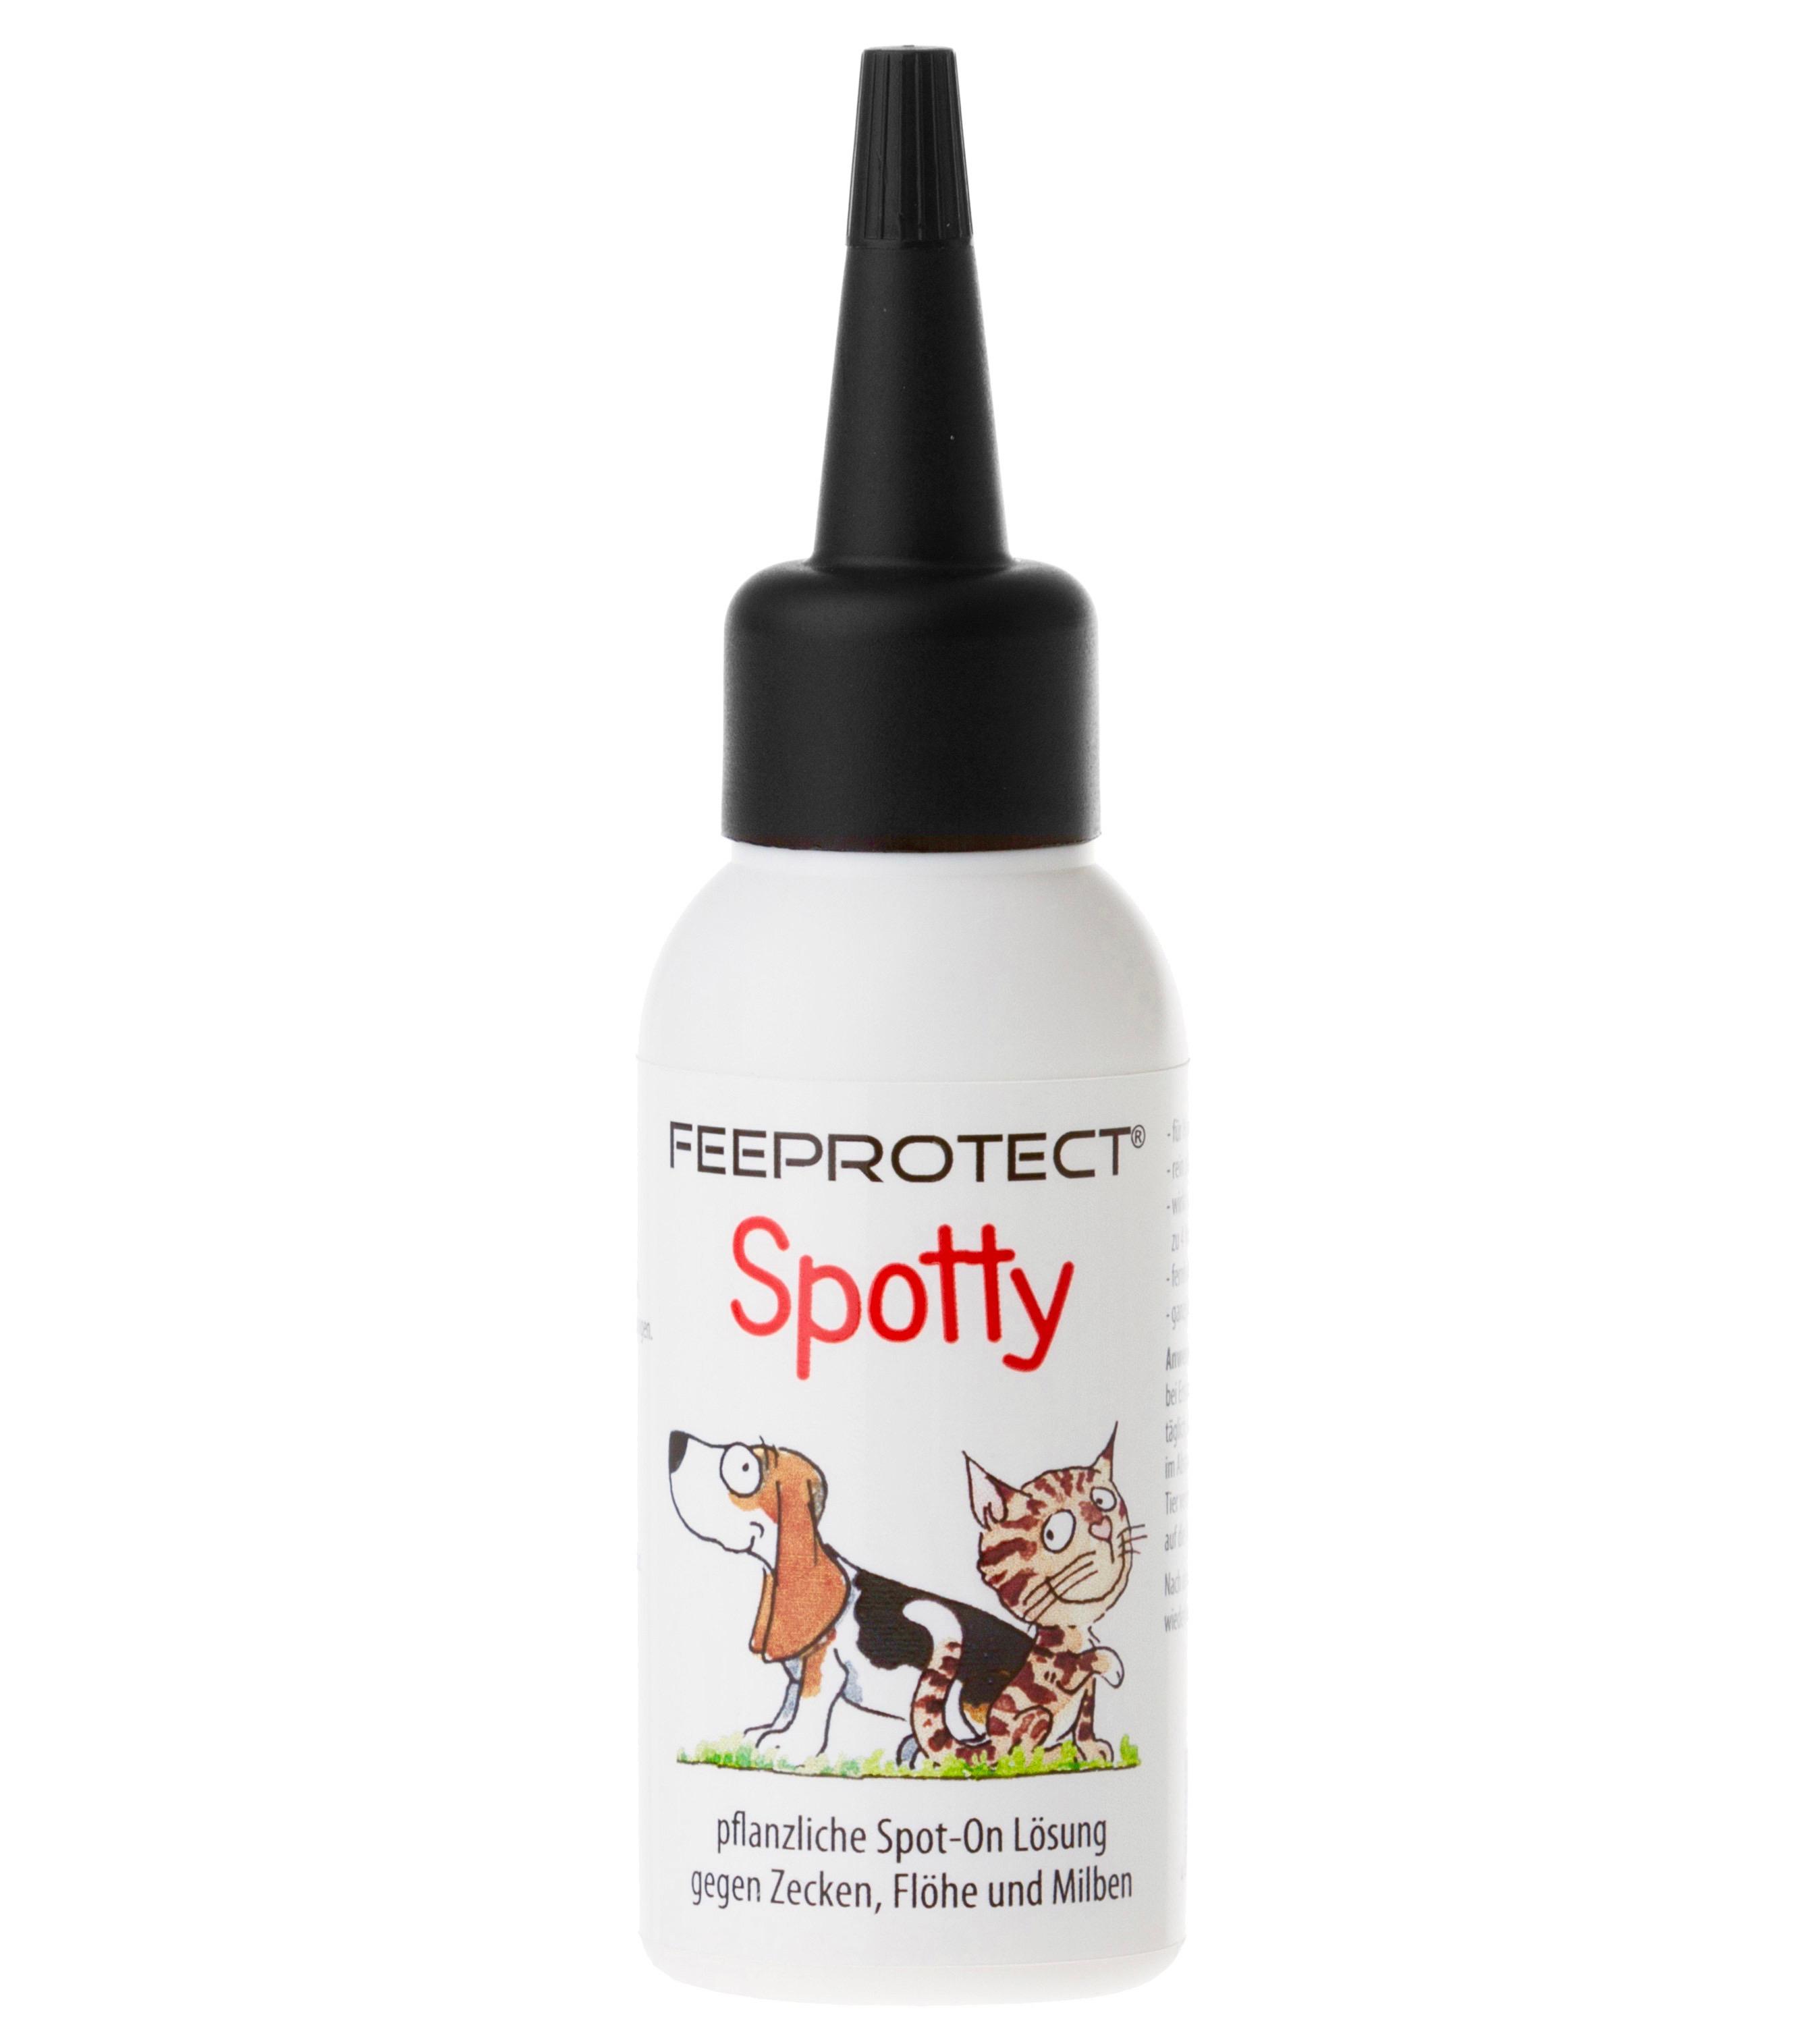 Feeprotect Spotty gegen Parasiten